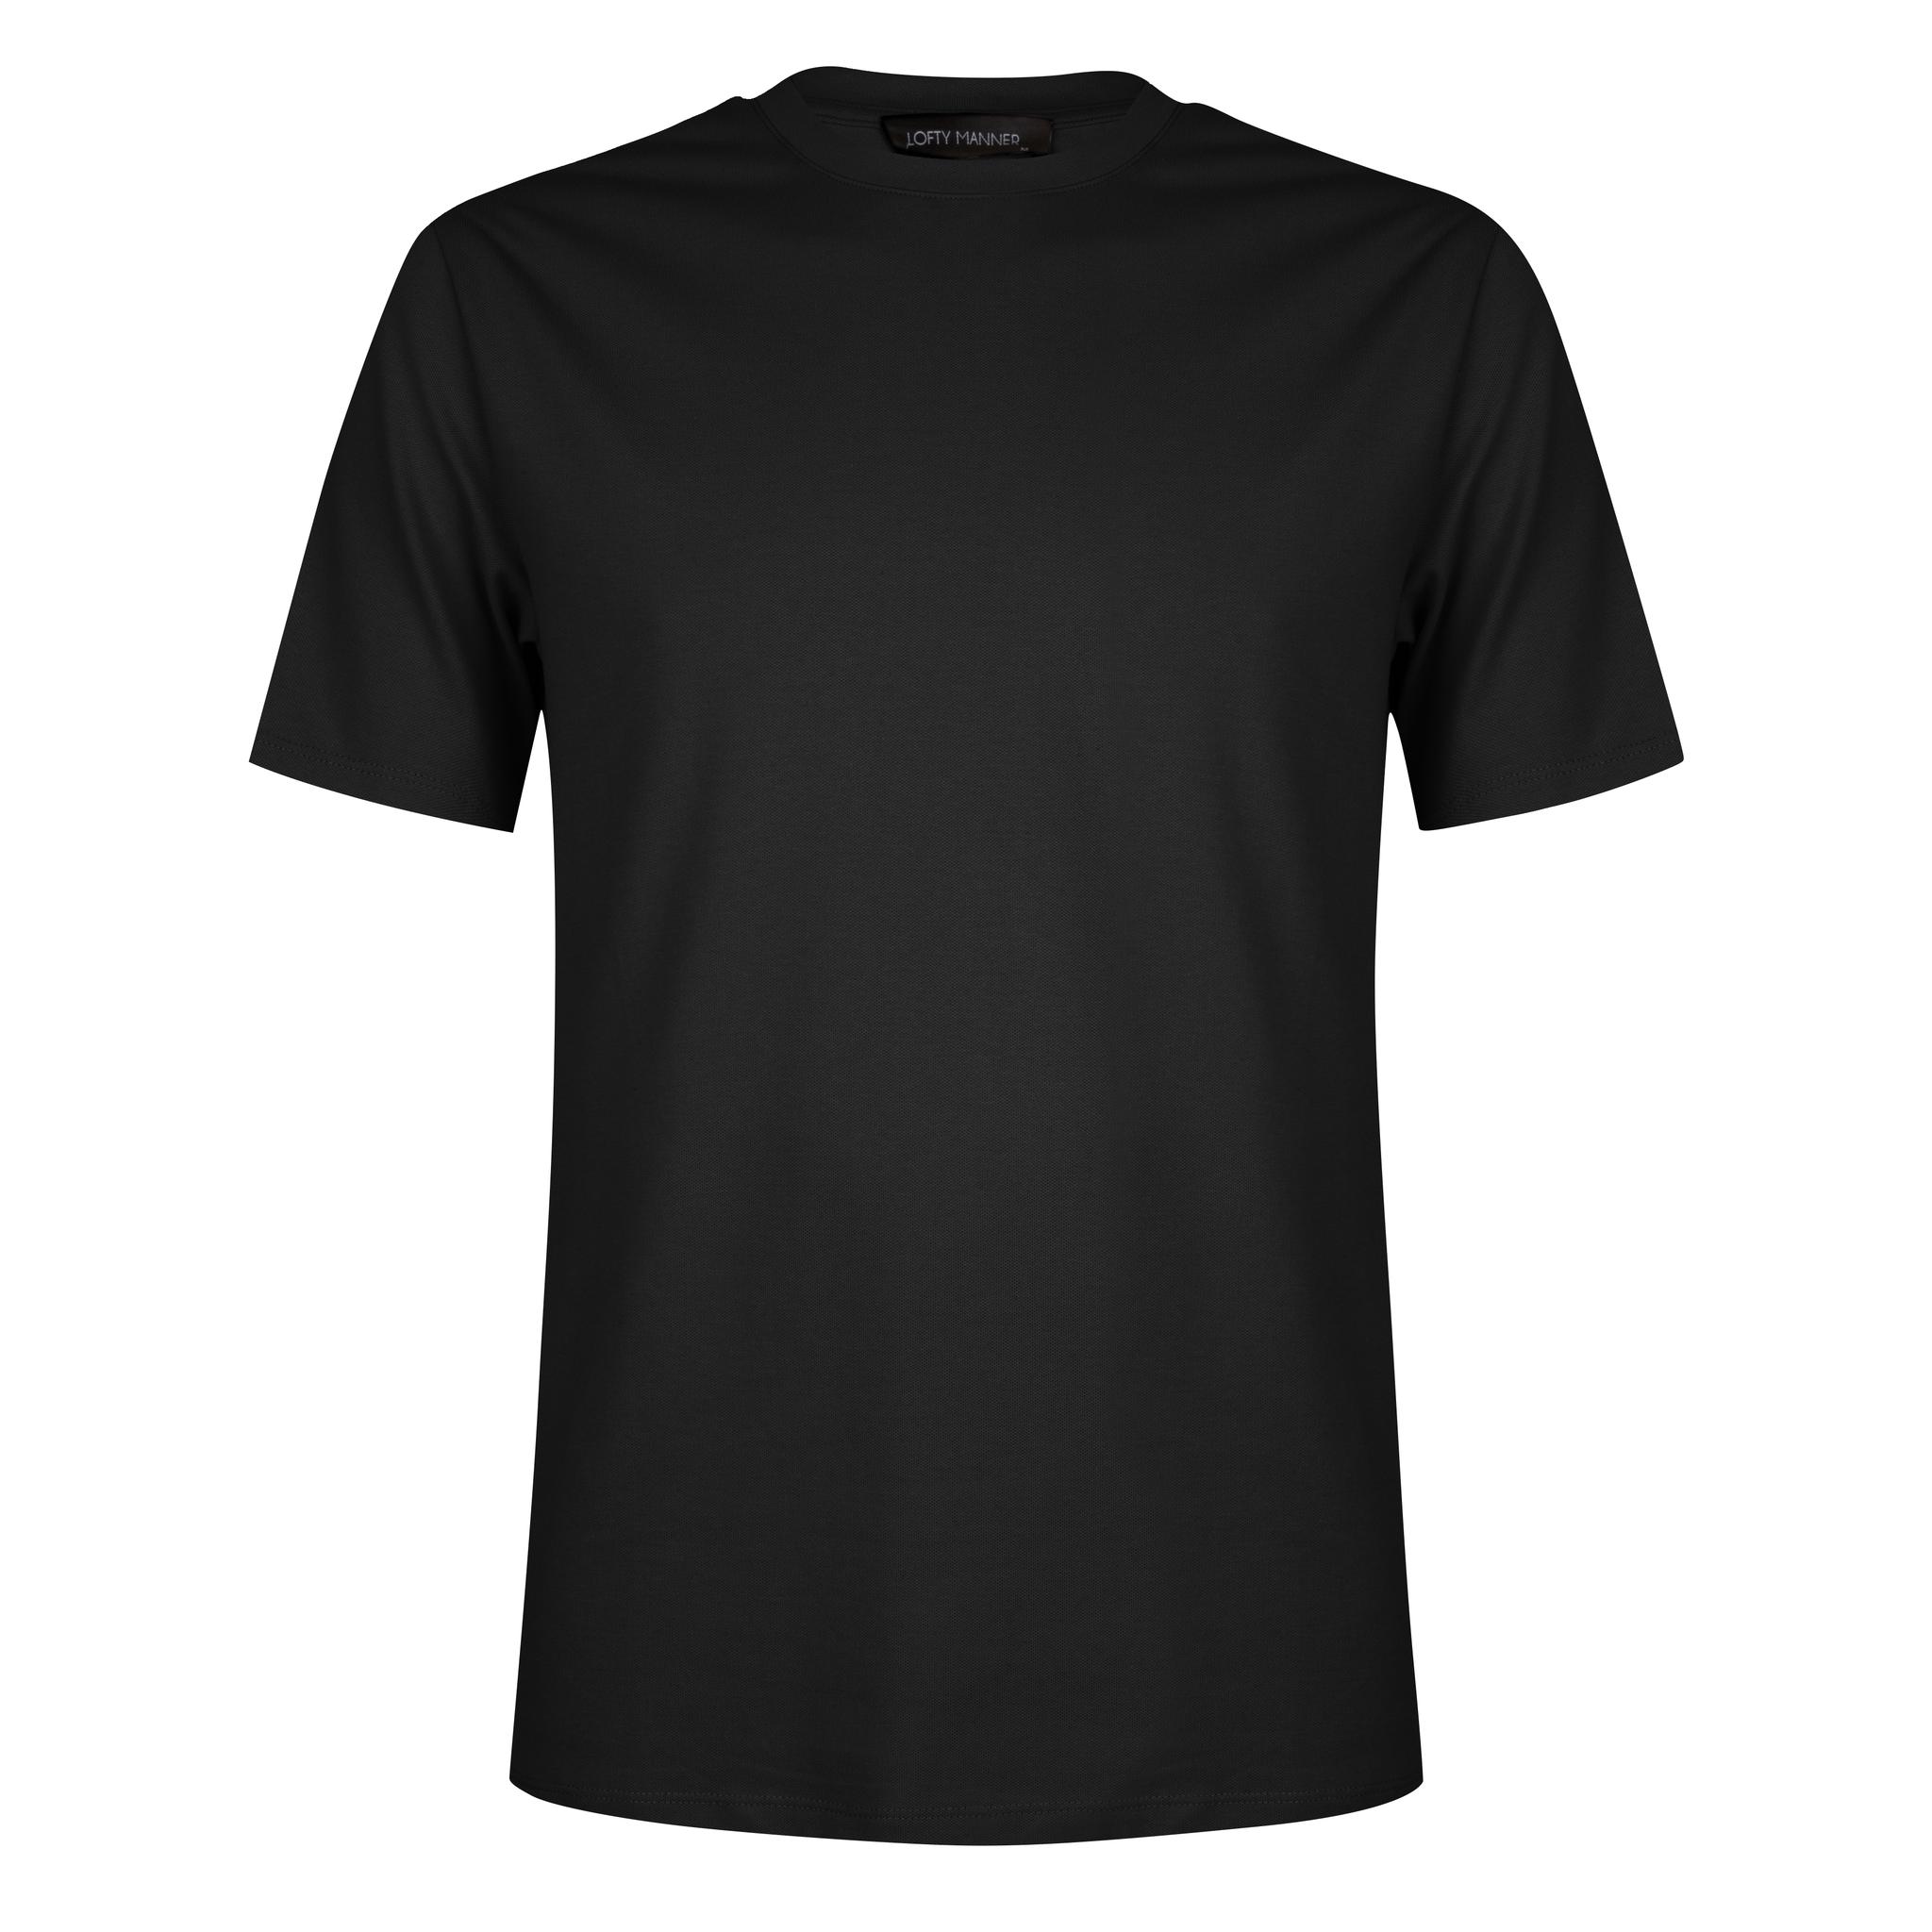 Lofty Manner Zwart T-shirt Fernando